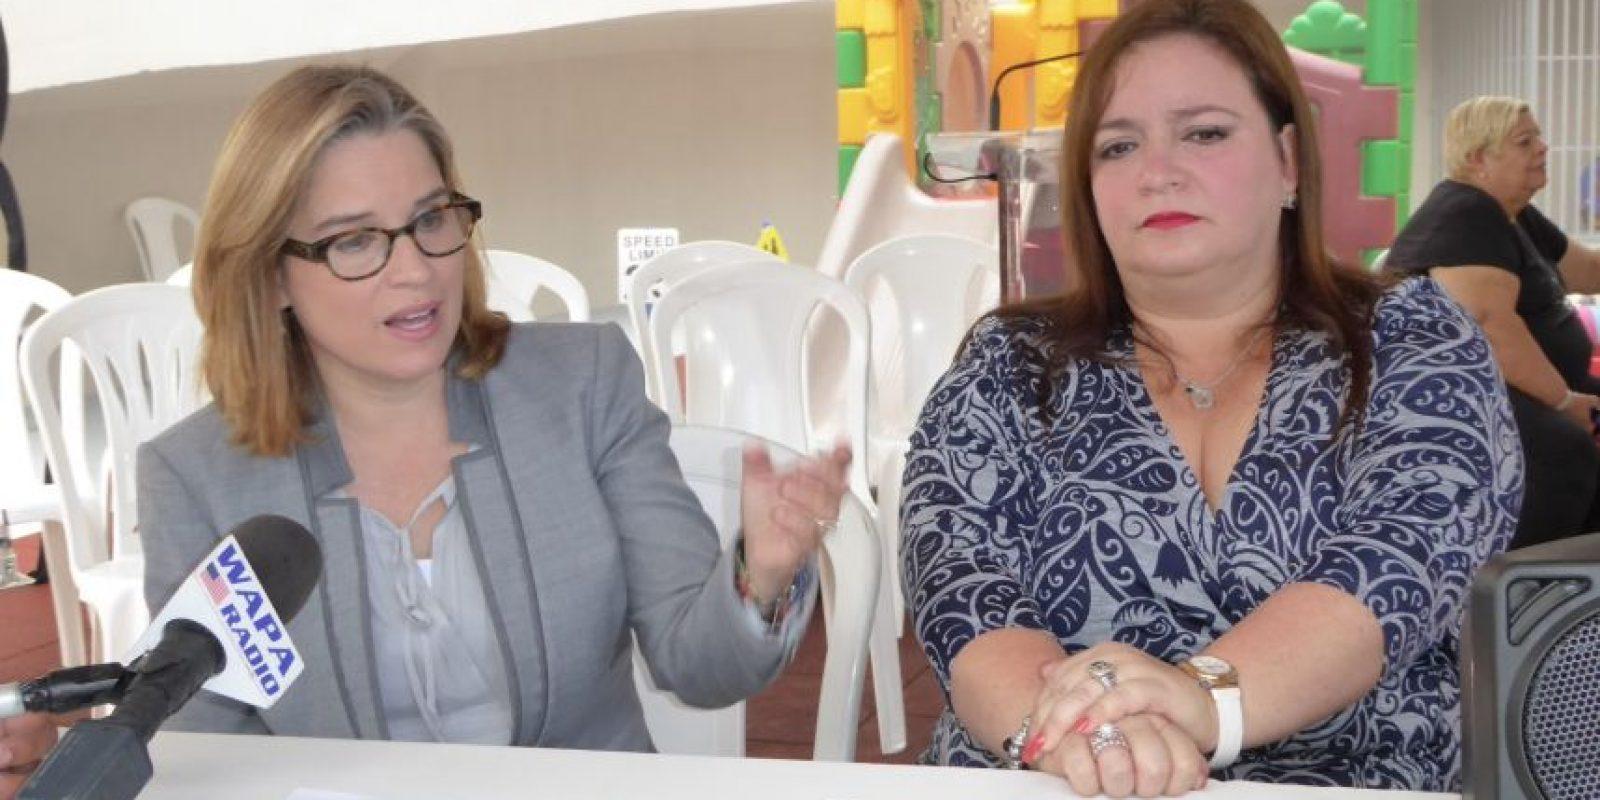 La alcaldesa de San Juan acompañada de la representante Sonia Pacheco, procede con los niños y niñas y algunos padres a la reapertura formal del Head Start, en Río Piedras. Foto:Inter News Service. Imagen Por: